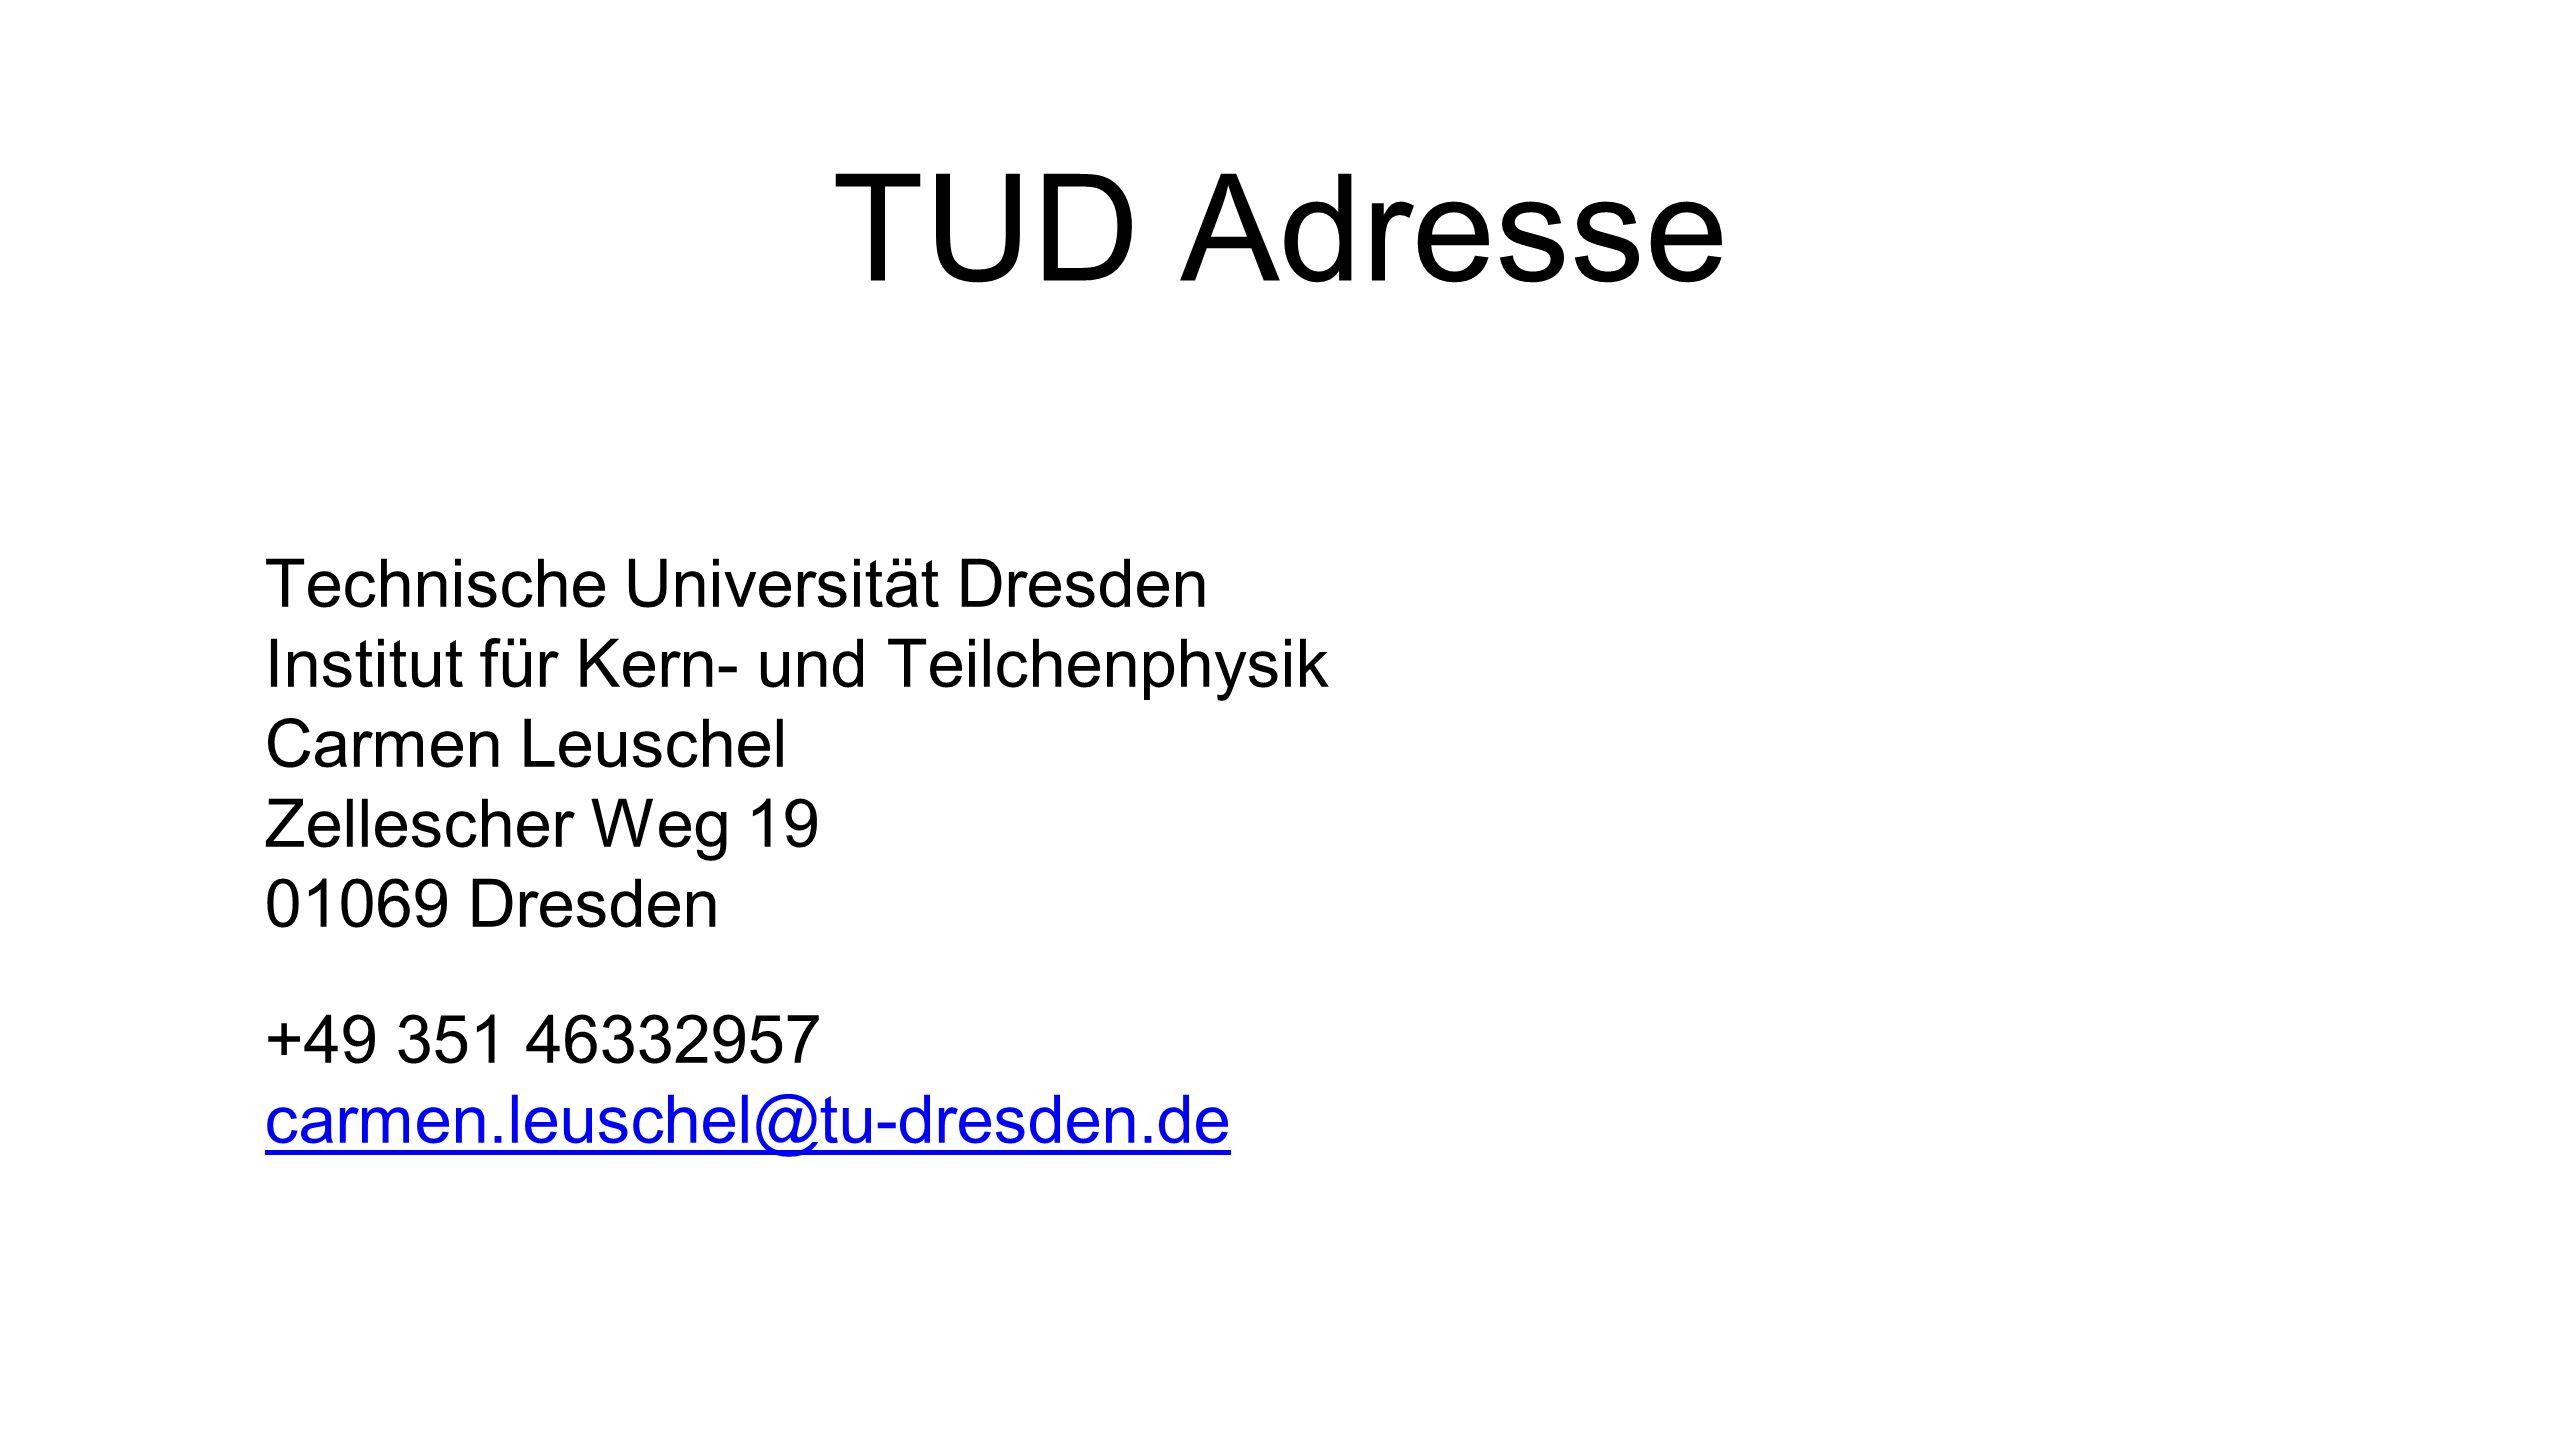 TUD Adresse Technische Universität Dresden Institut für Kern- und Teilchenphysik Carmen Leuschel Zellescher Weg 19 01069 Dresden +49 351 46332957 carmen.leuschel@tu-dresden.de carmen.leuschel@tu-dresden.de